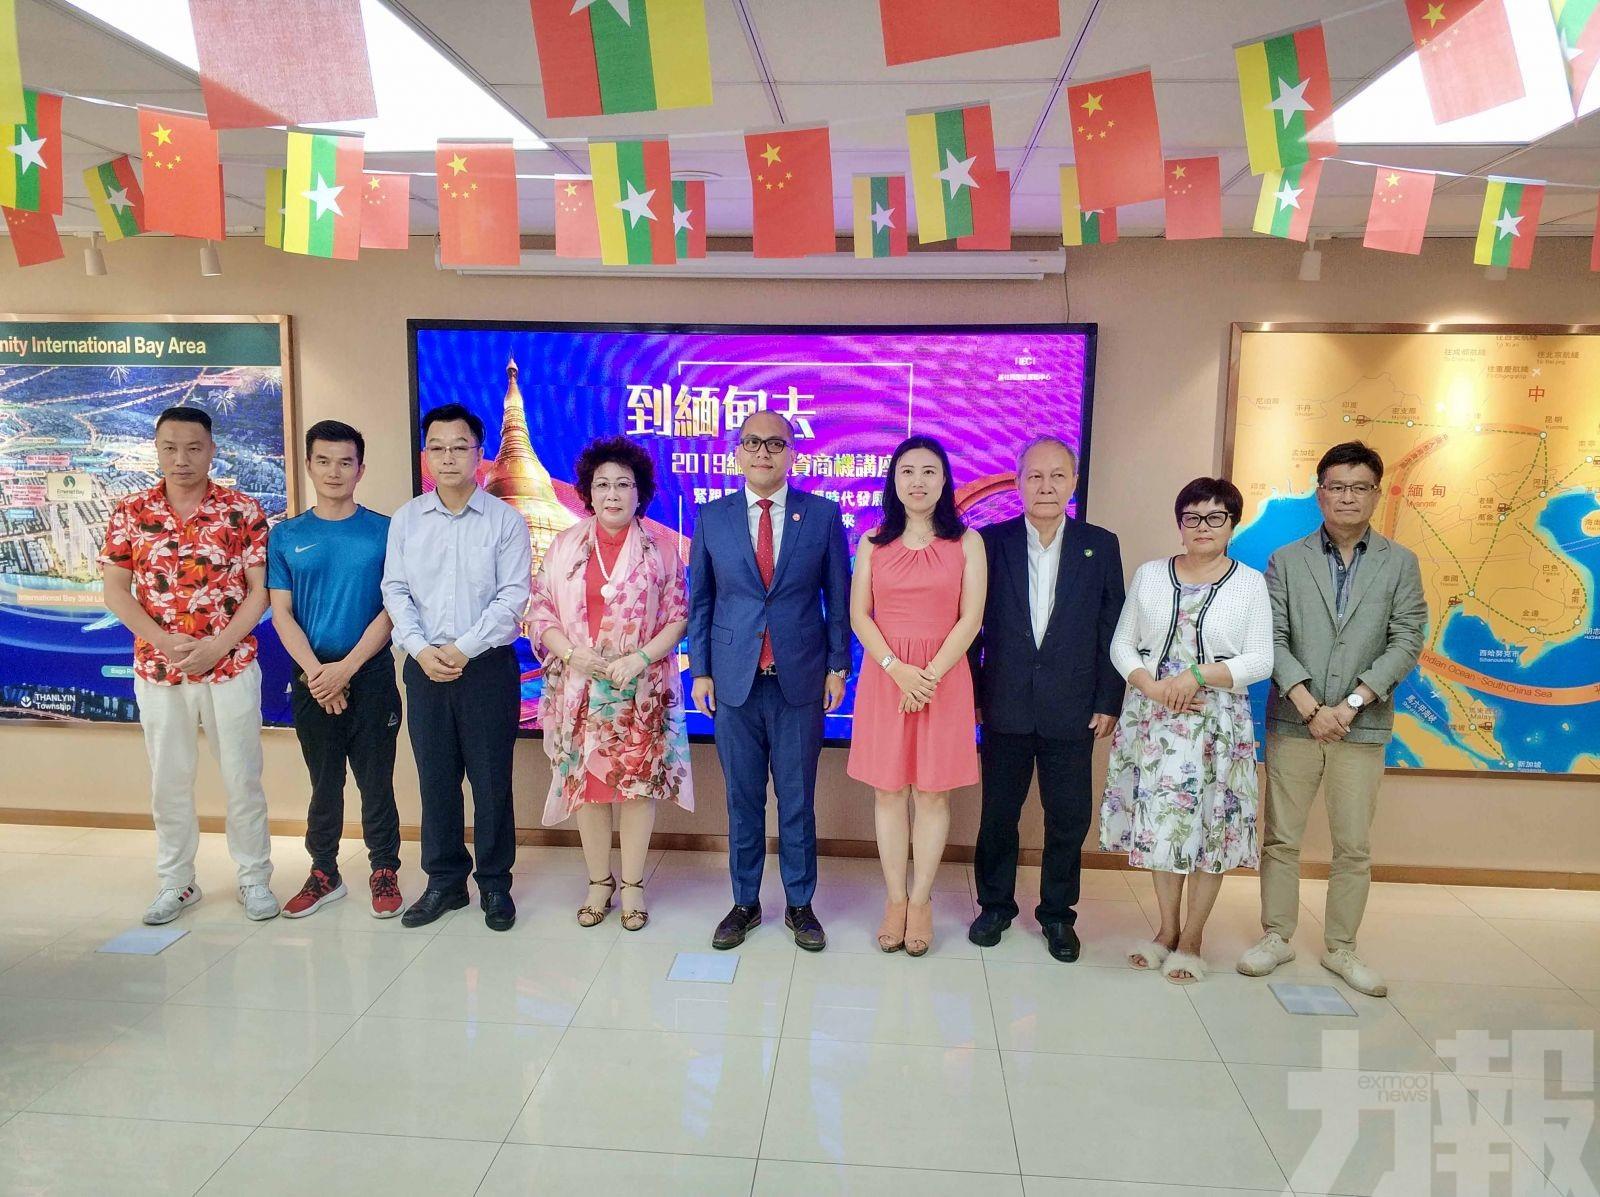 緬甸兩會推介緬甸投資環境